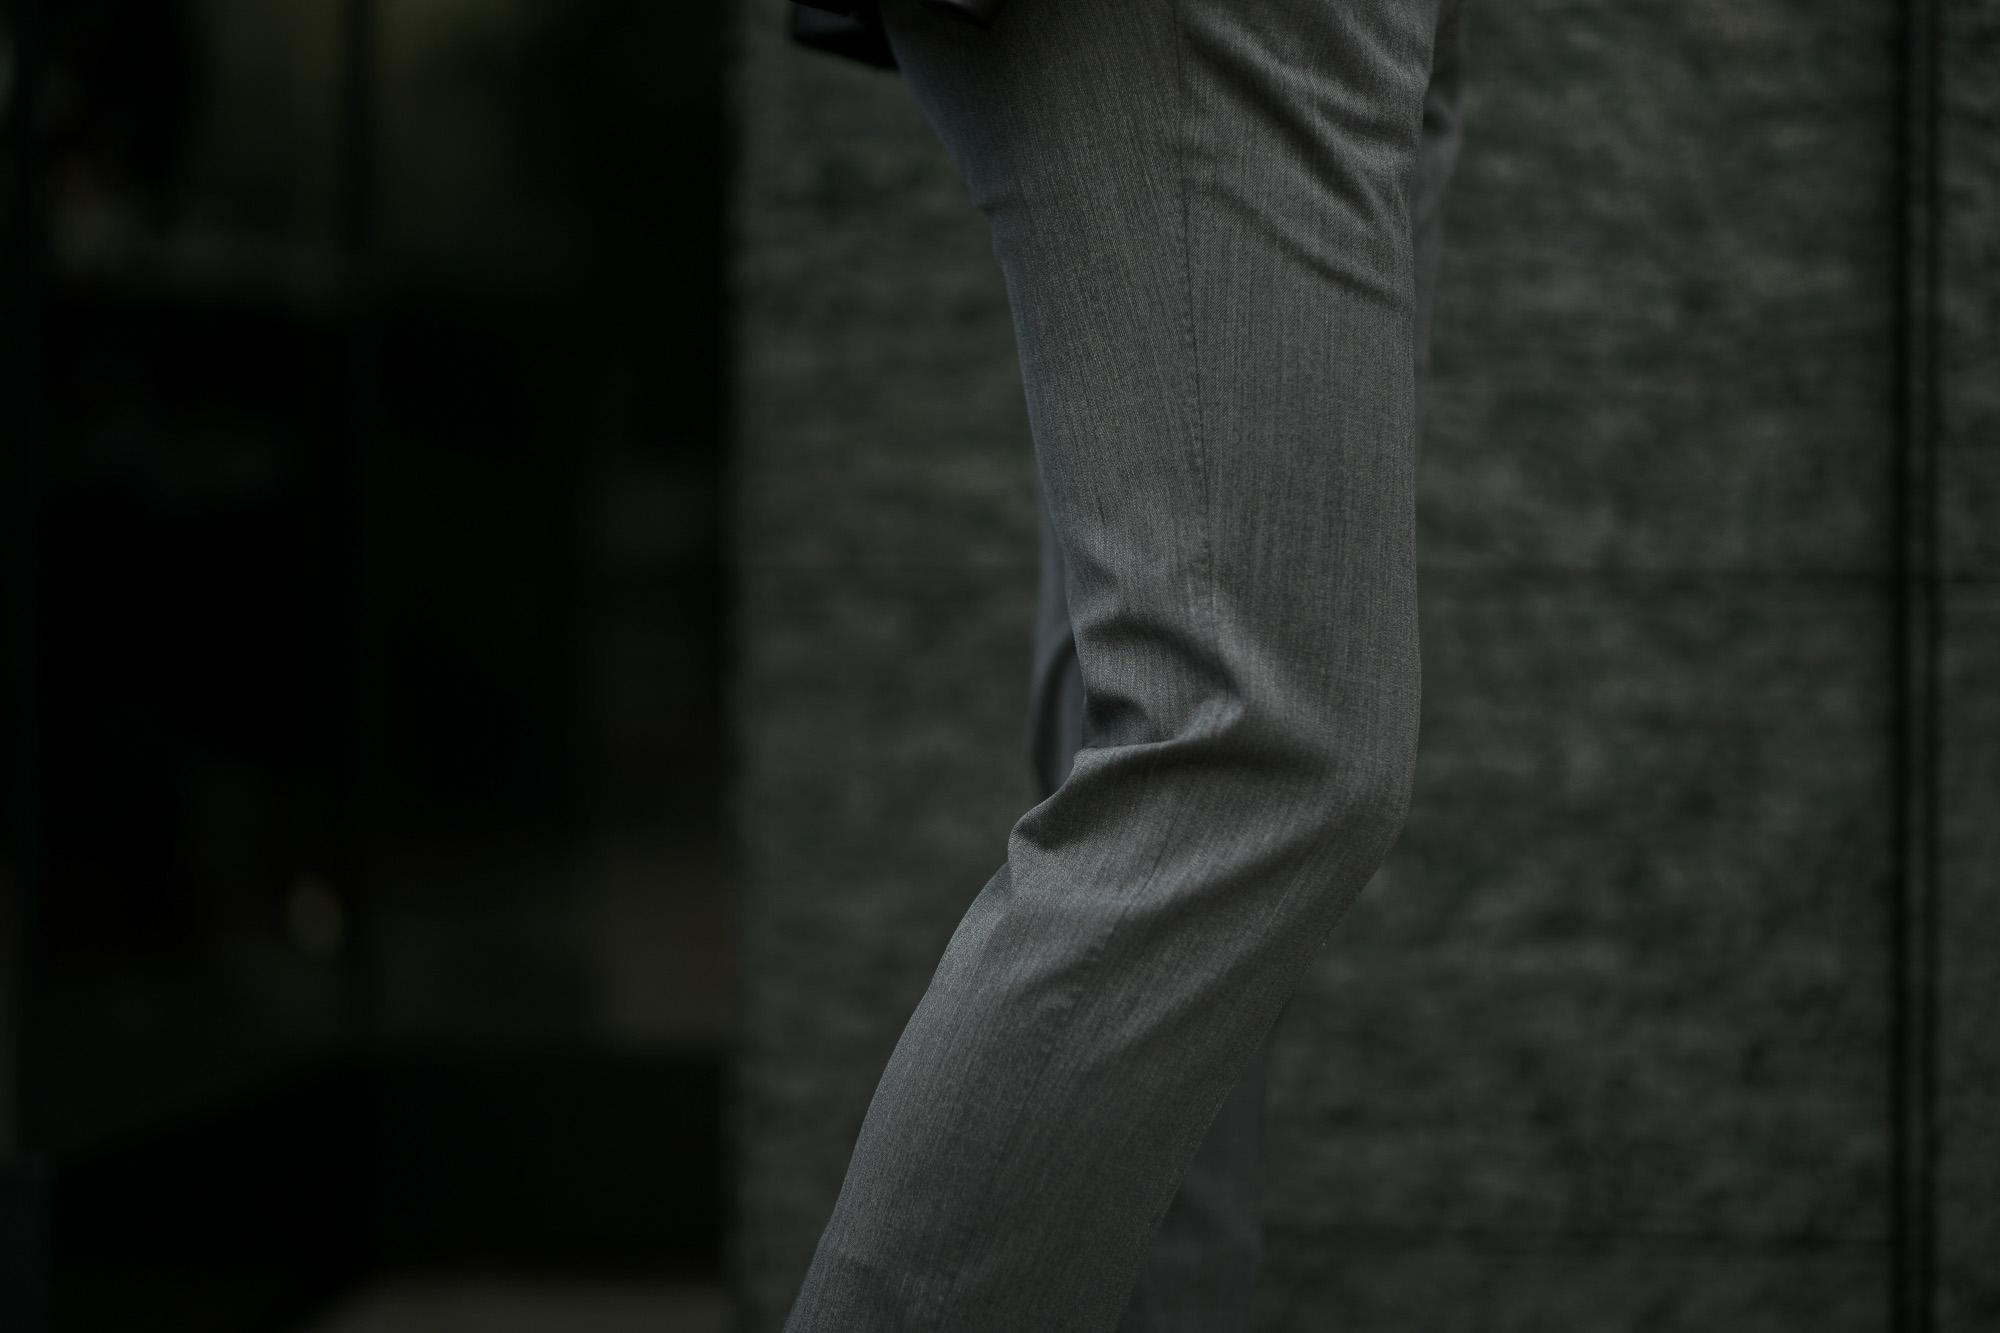 PT01 (ピーティーゼロウーノ) TRAVELLER (トラベラー) SUPER SLIM FIT (スーパースリムフィット) WASHABLE TECHNO WOOL ストレッチ テクノ ウォッシャブル サージ ウール スラックス GRAY (グレー・0230) 2019 秋冬新作 愛知 名古屋 altoediritto アルトエデリット